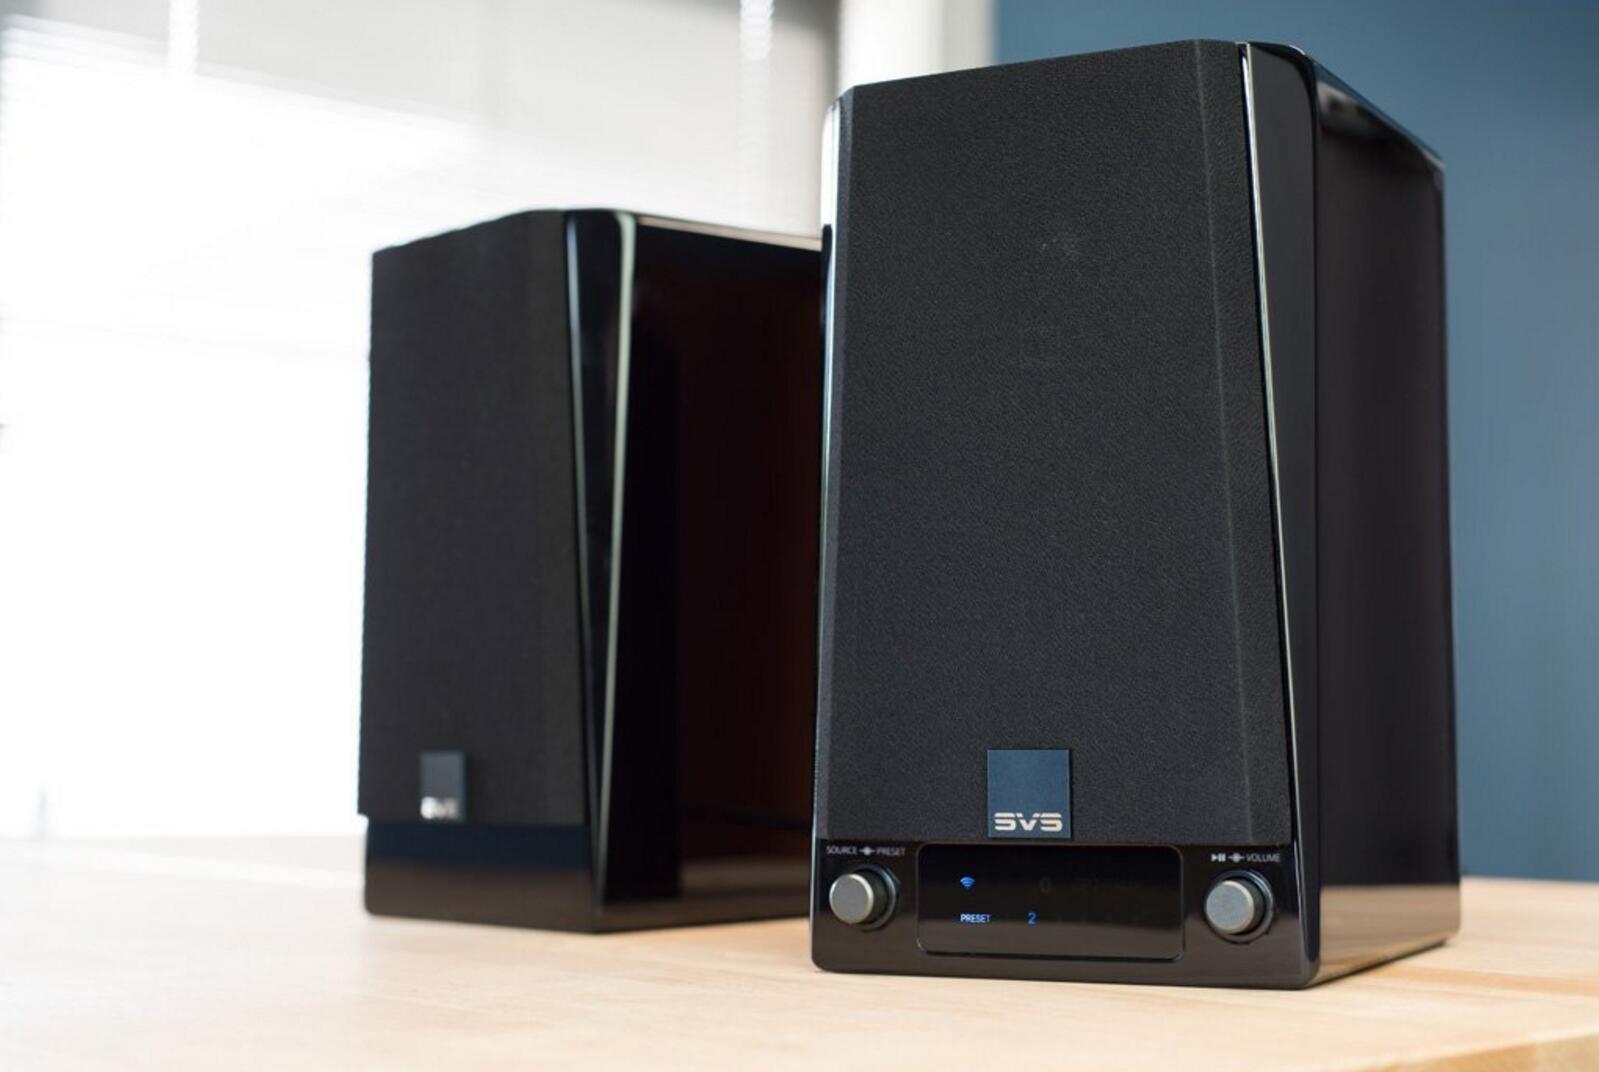 外媒测评:SVS Prime无线音箱